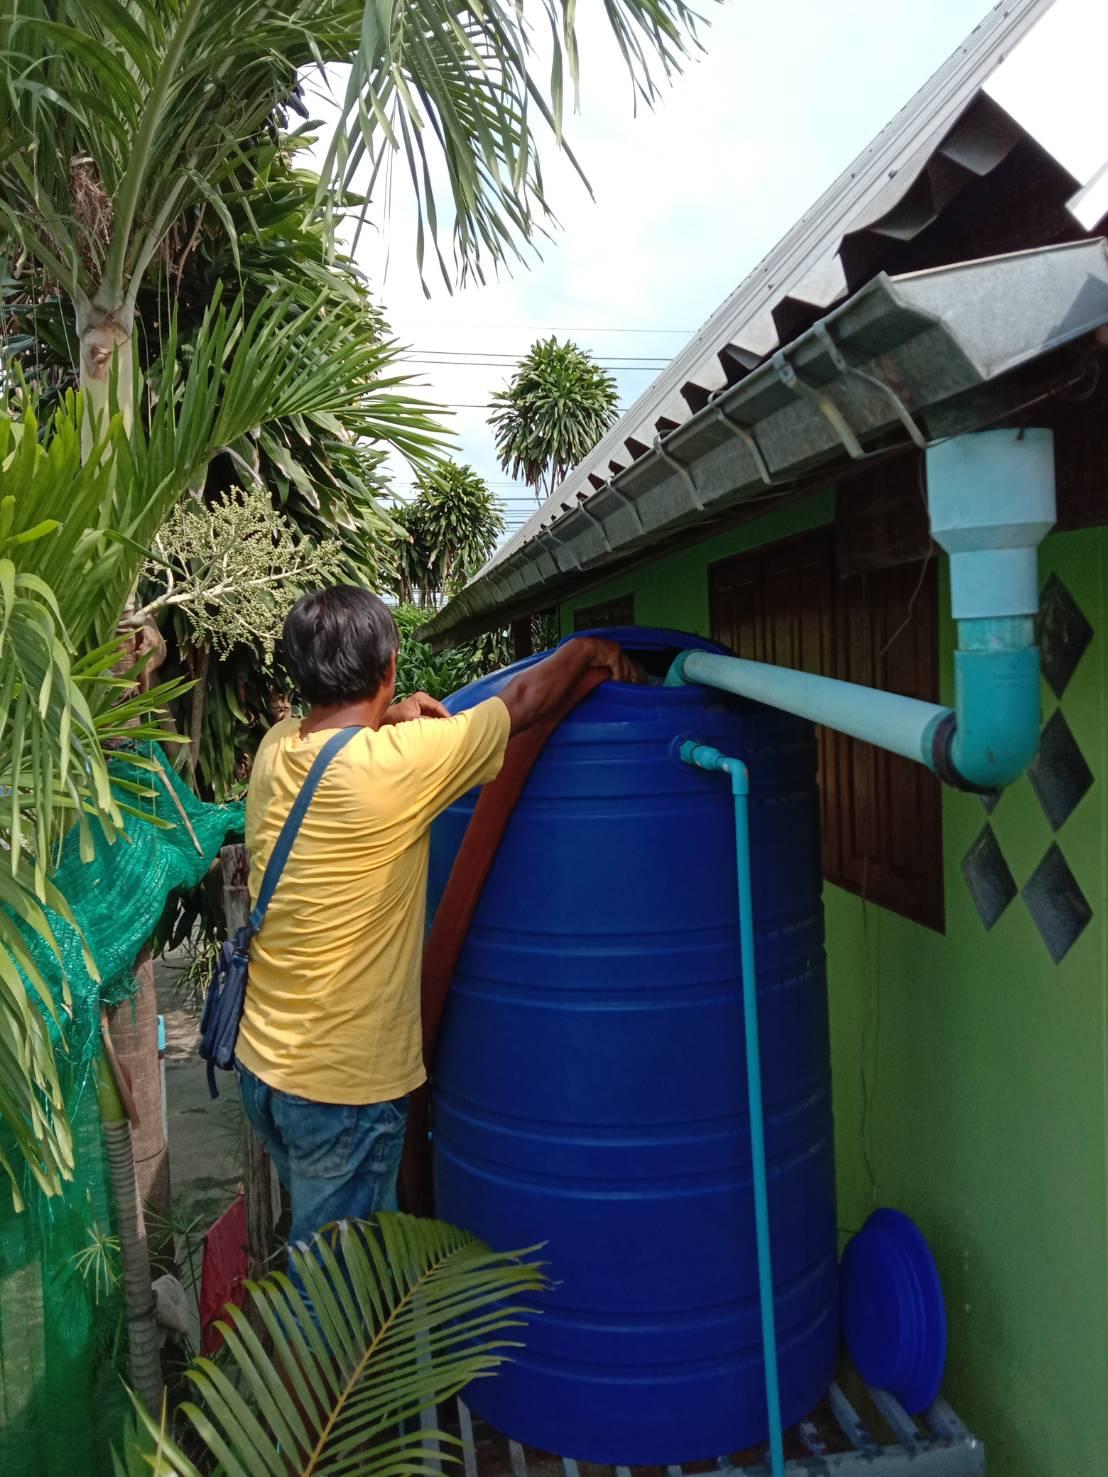 ไฟล์แนบ กปภ.สาขานางรองประสานพลังระหว่างหน่วยงานผ่านวิกฤติภัยแล้งแจกจ่ายน้ำประชาชนที่ขาดแคลน